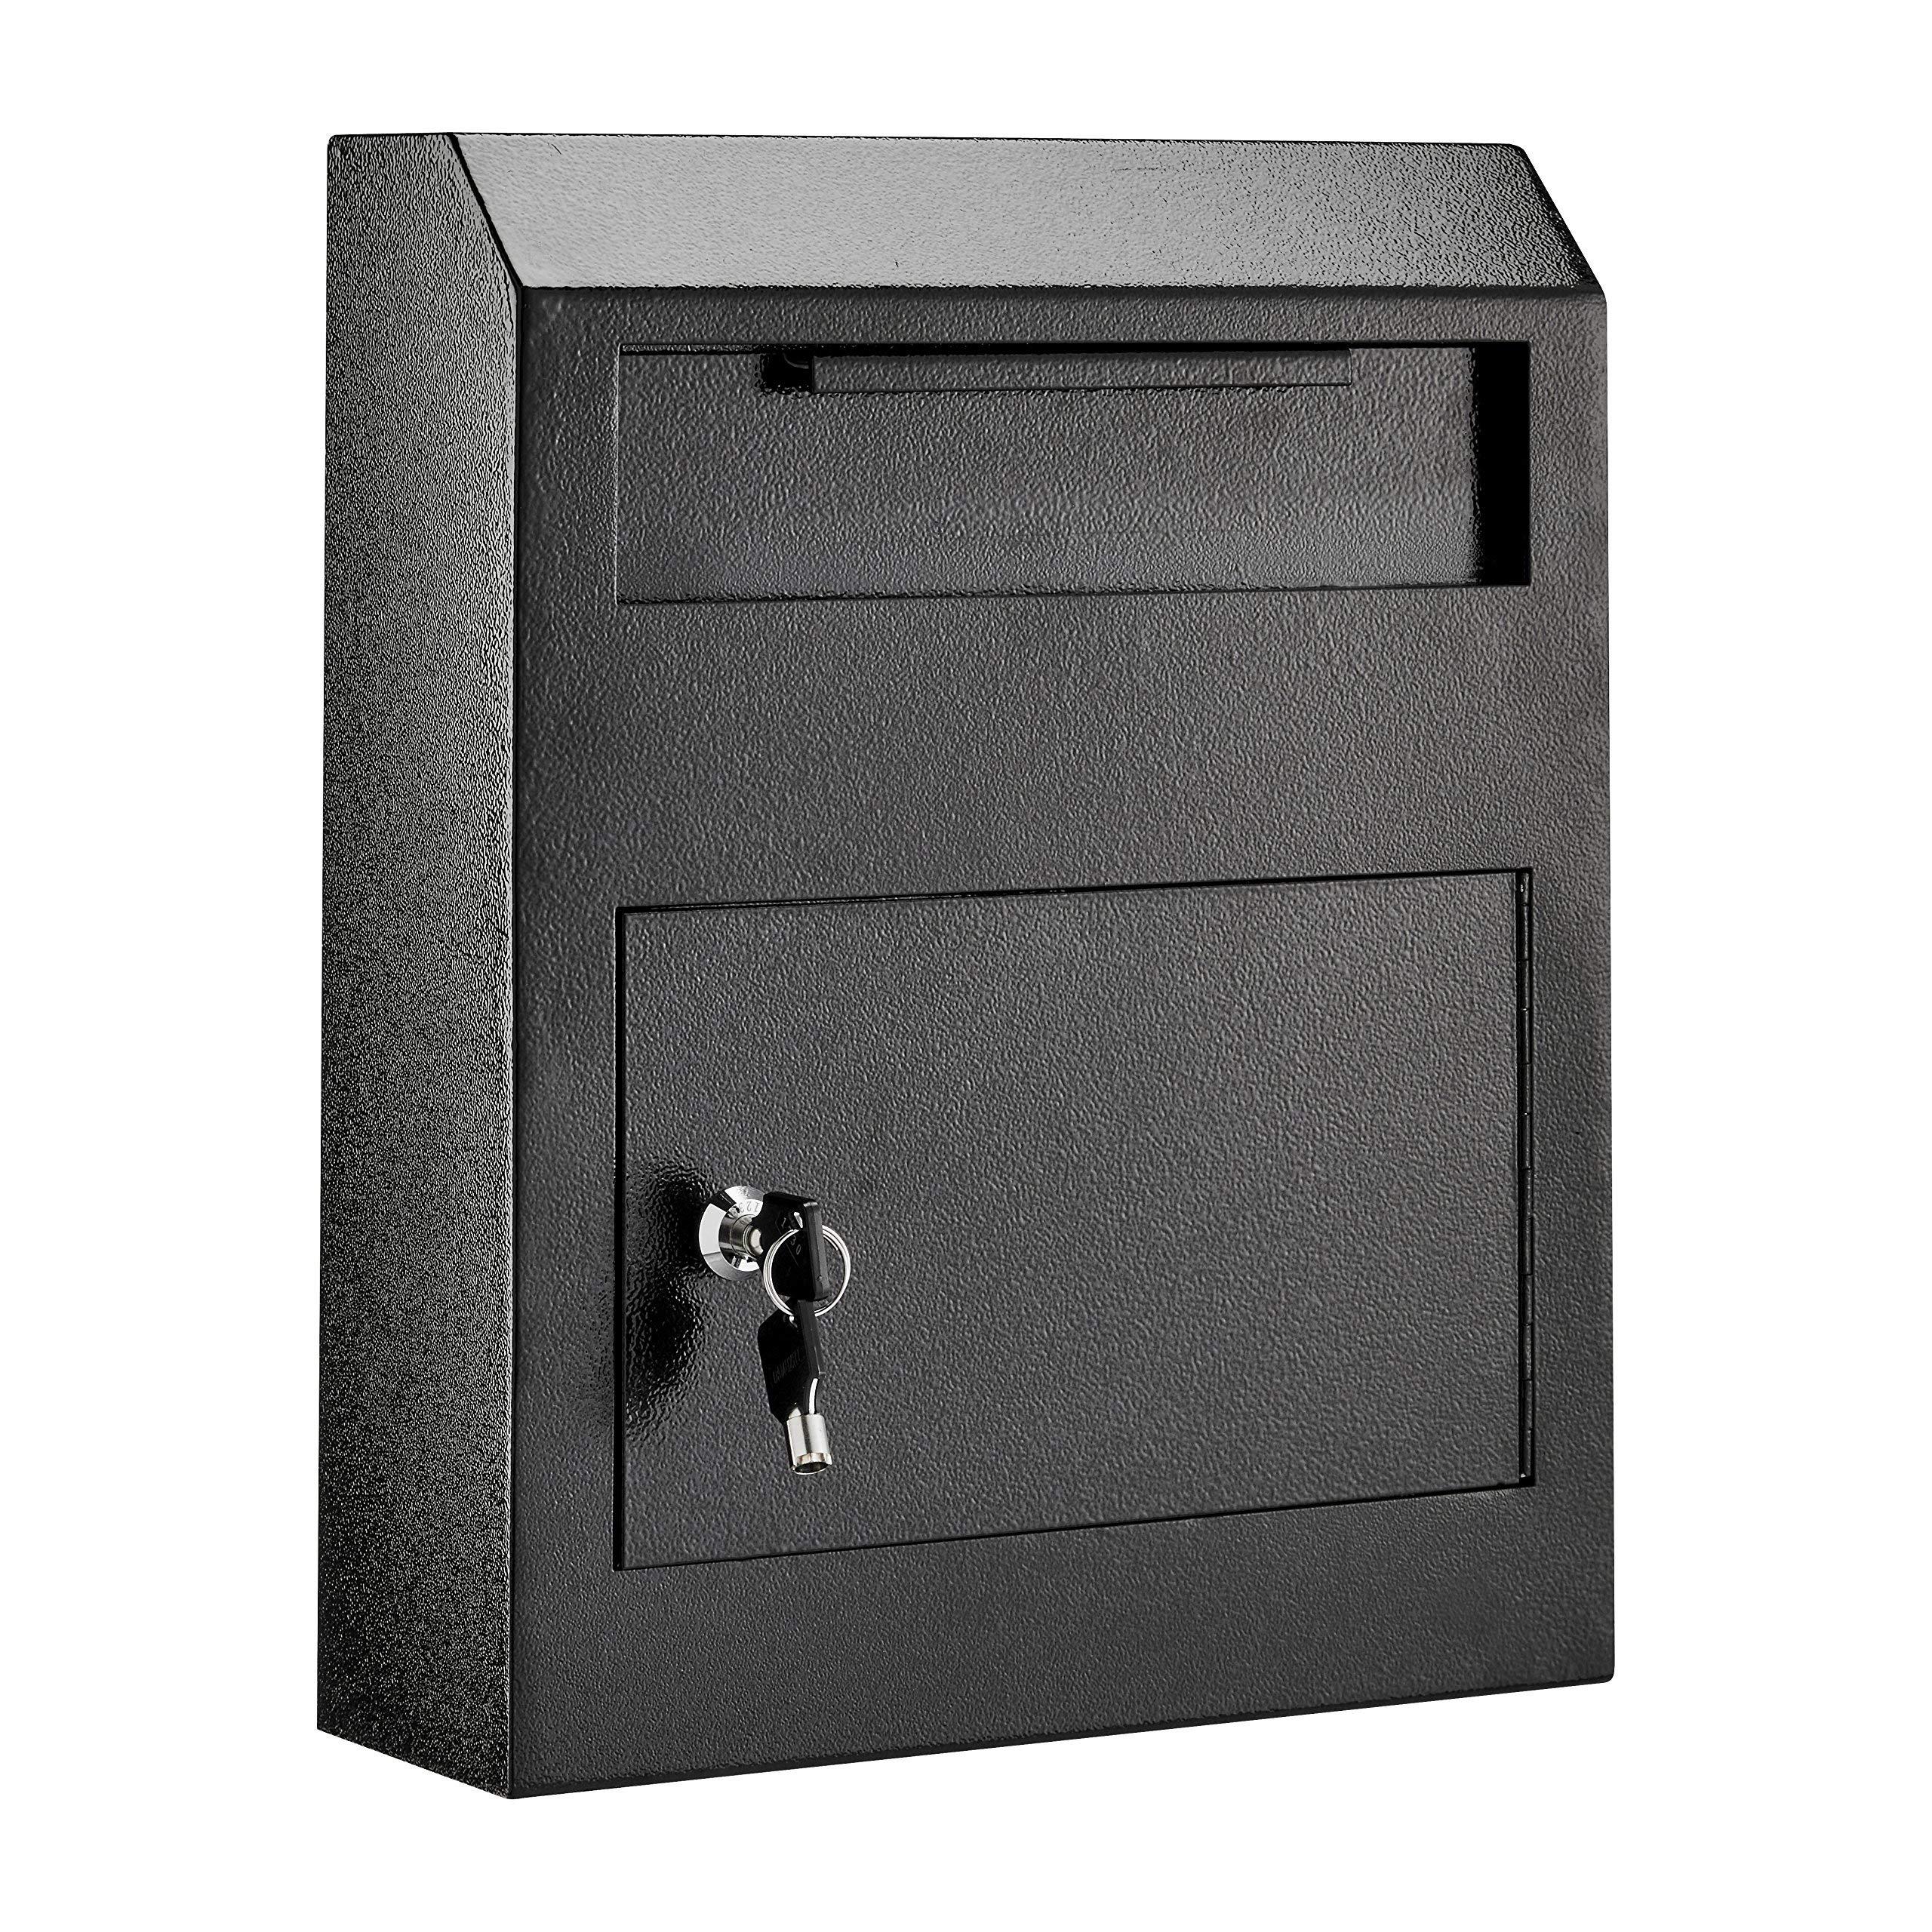 AdirOffice Heavy Duty Secured Safe Drop Box (Black) by AdirOffice